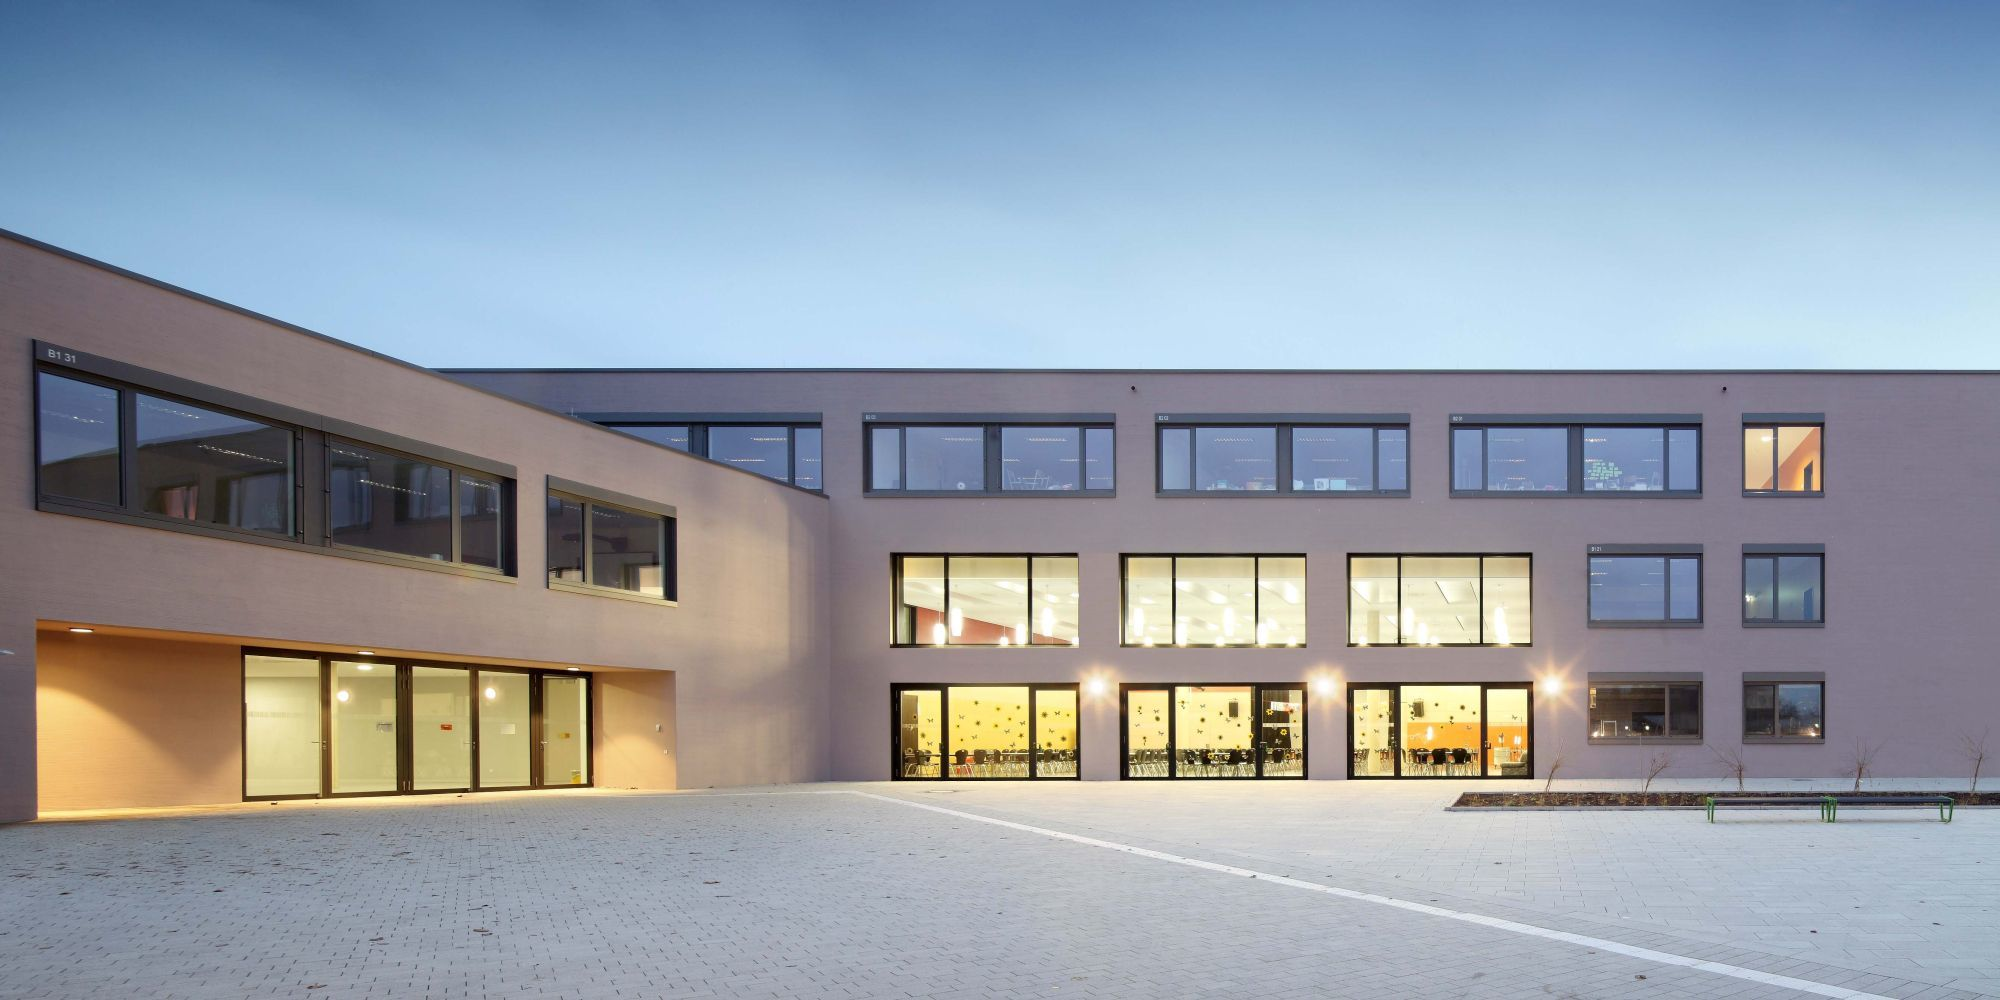 Architekt Ludwigshafen integrierte gesamtschule sassenburg a sh architekten ludwigshafen